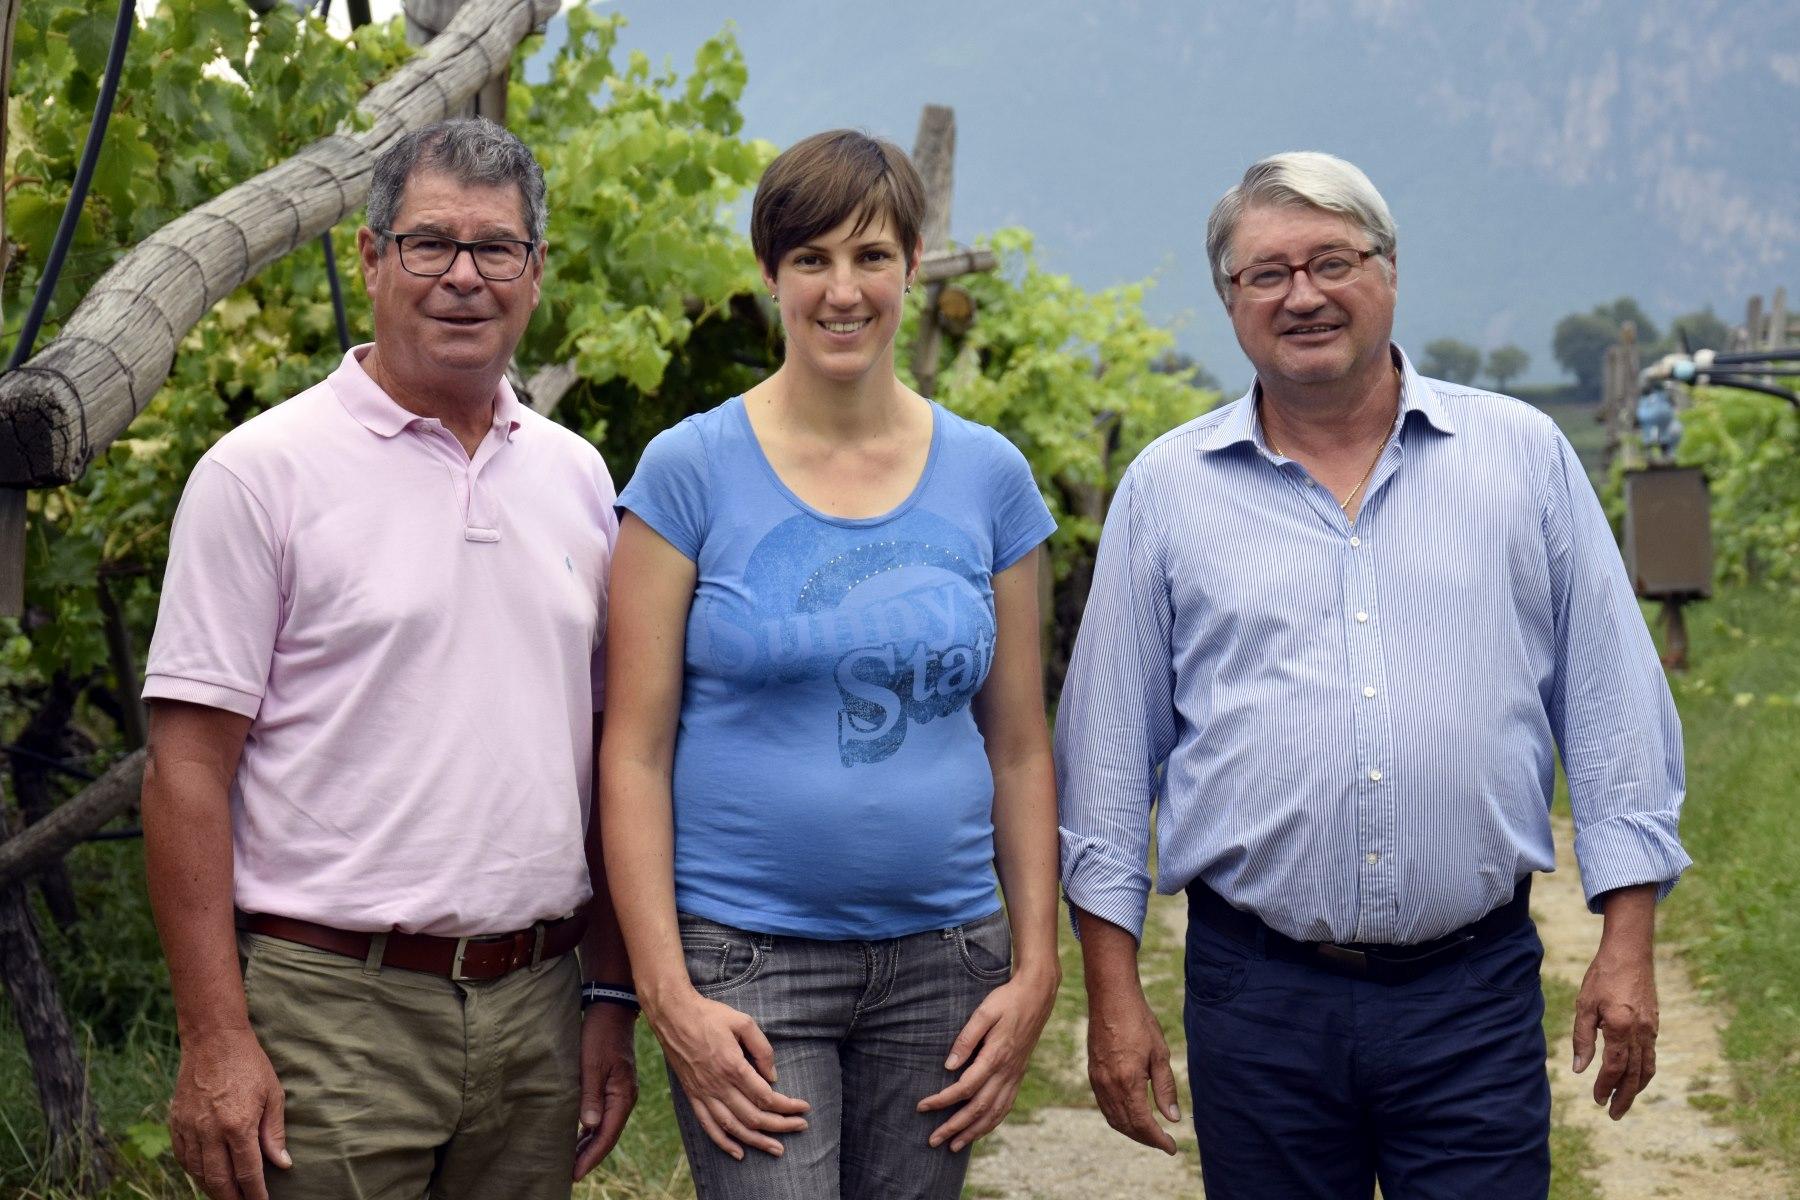 Gemeindewahlen: Freiheitliche Kandidatur in Eppan